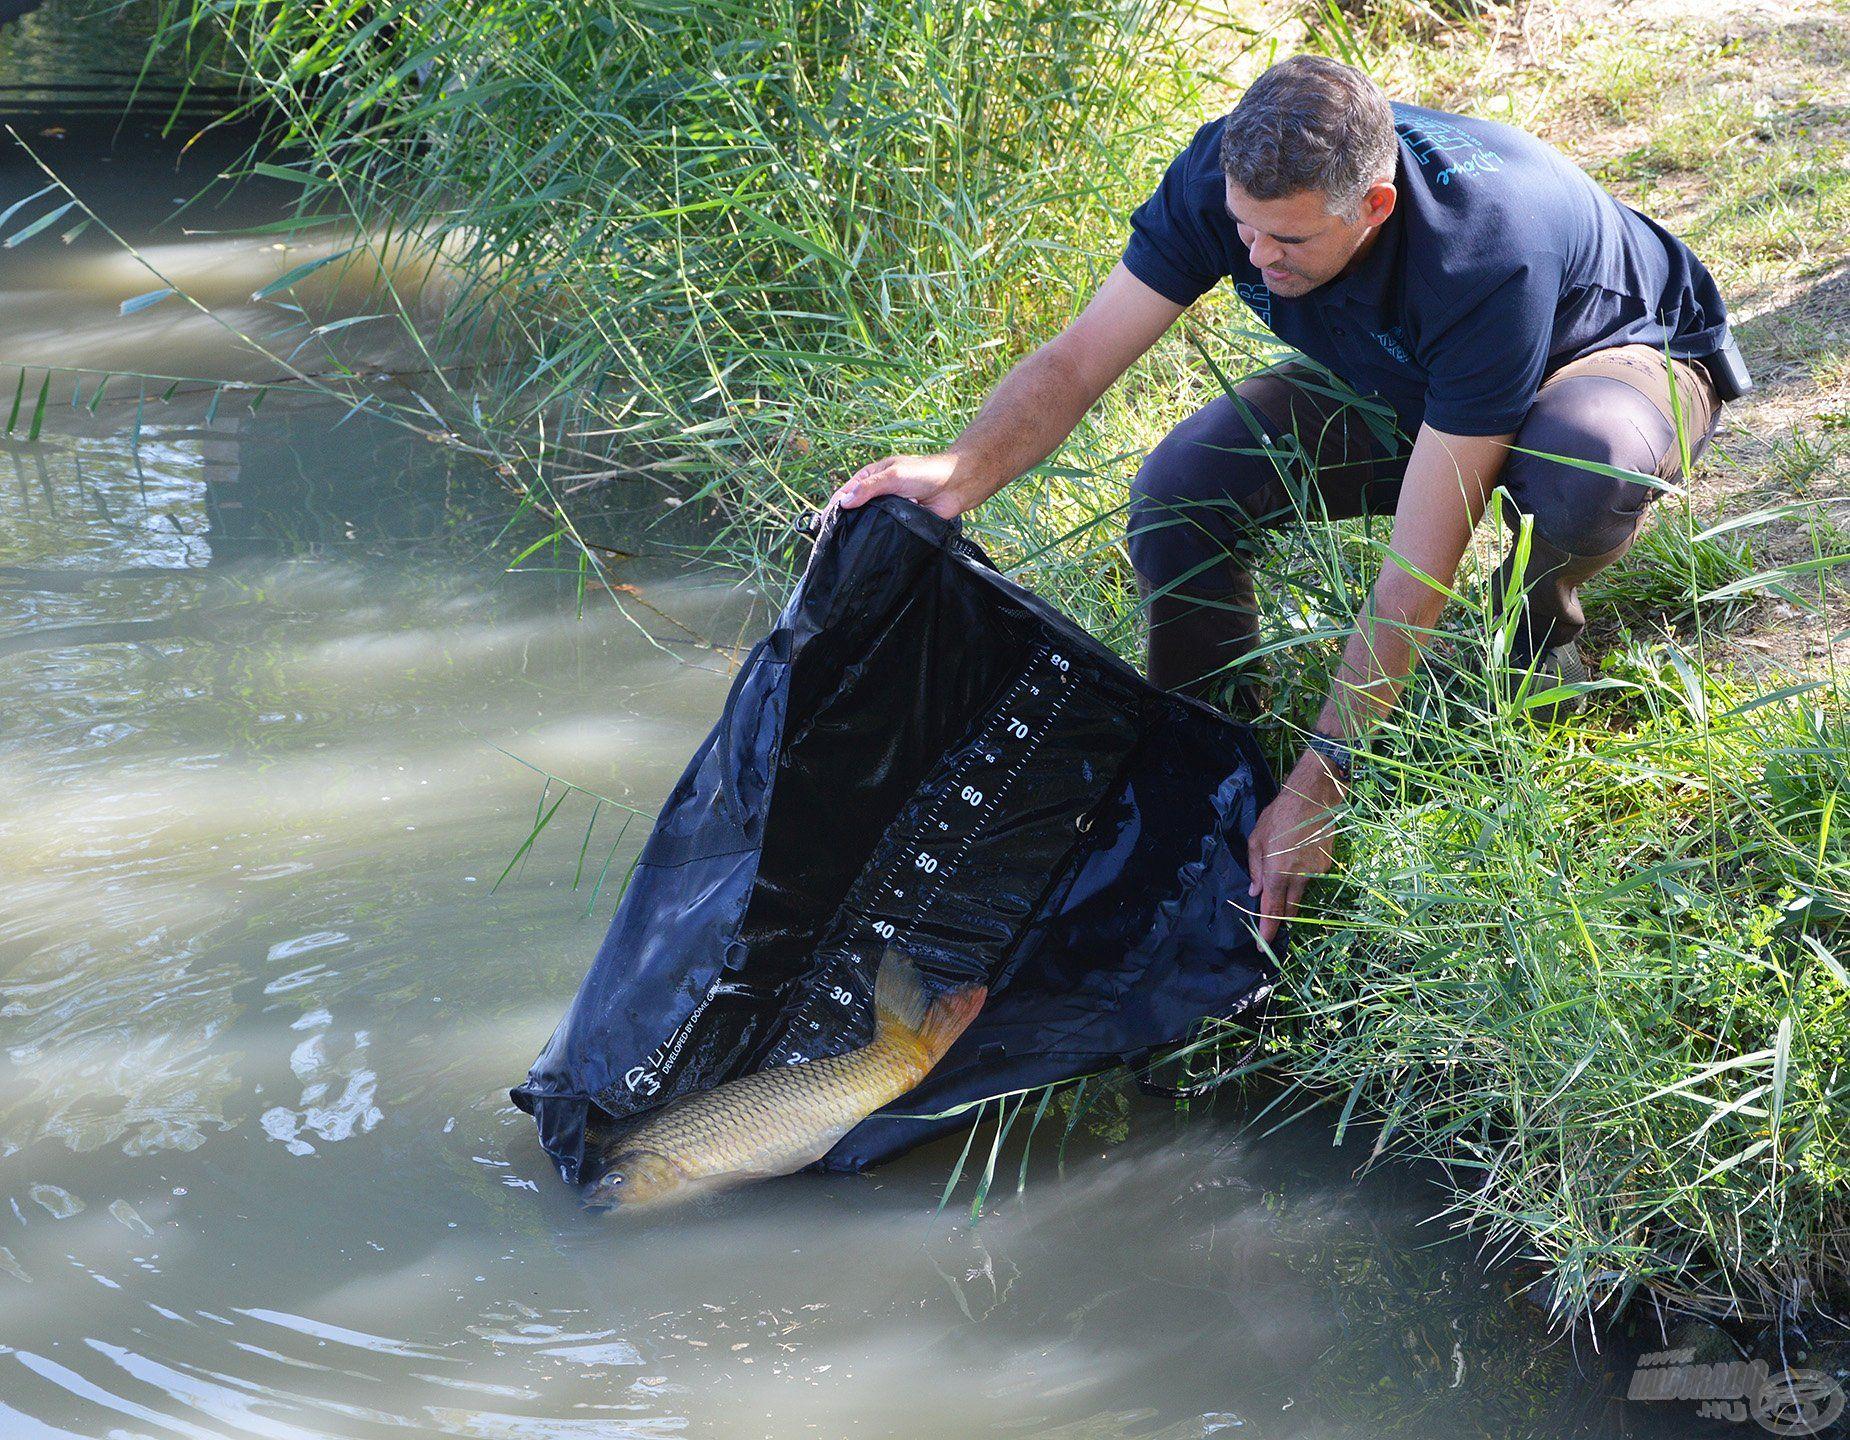 Matracról is vissza lehet engedni a halat. Sőt! Így a legbiztonságosabb!